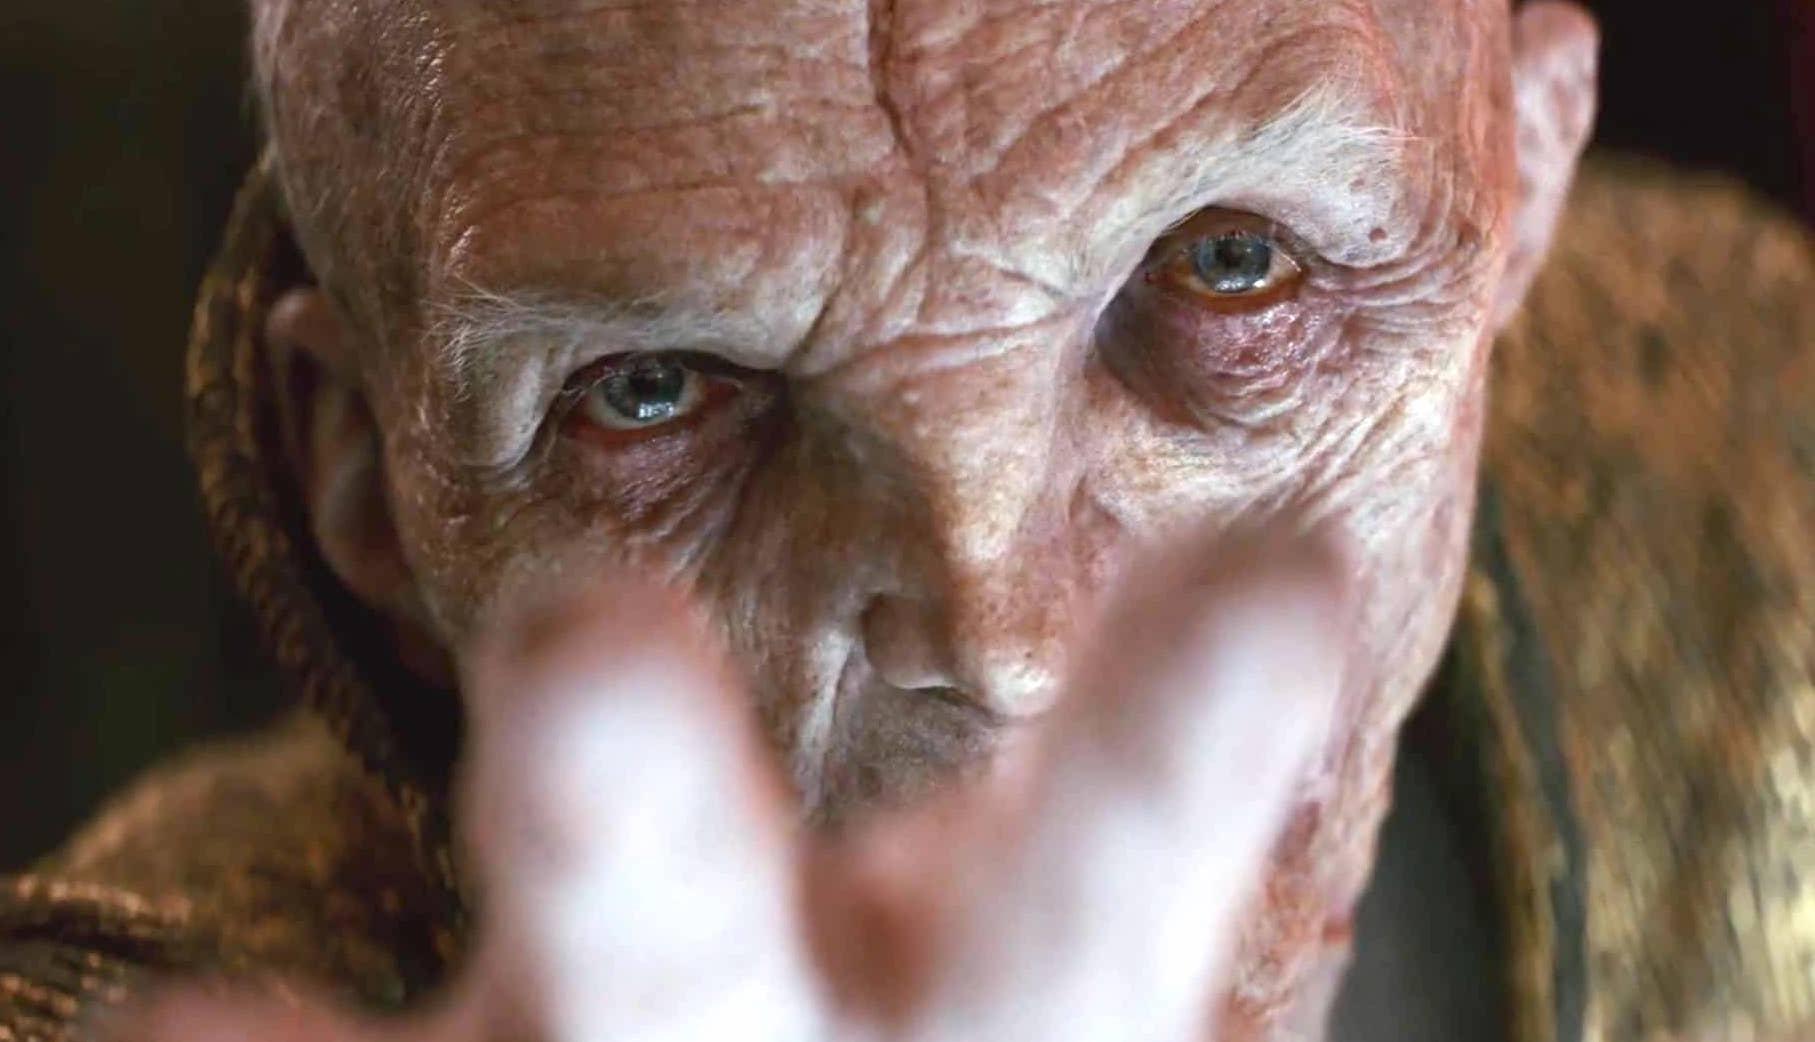 Lider Supremo Snoke - Quem é ele